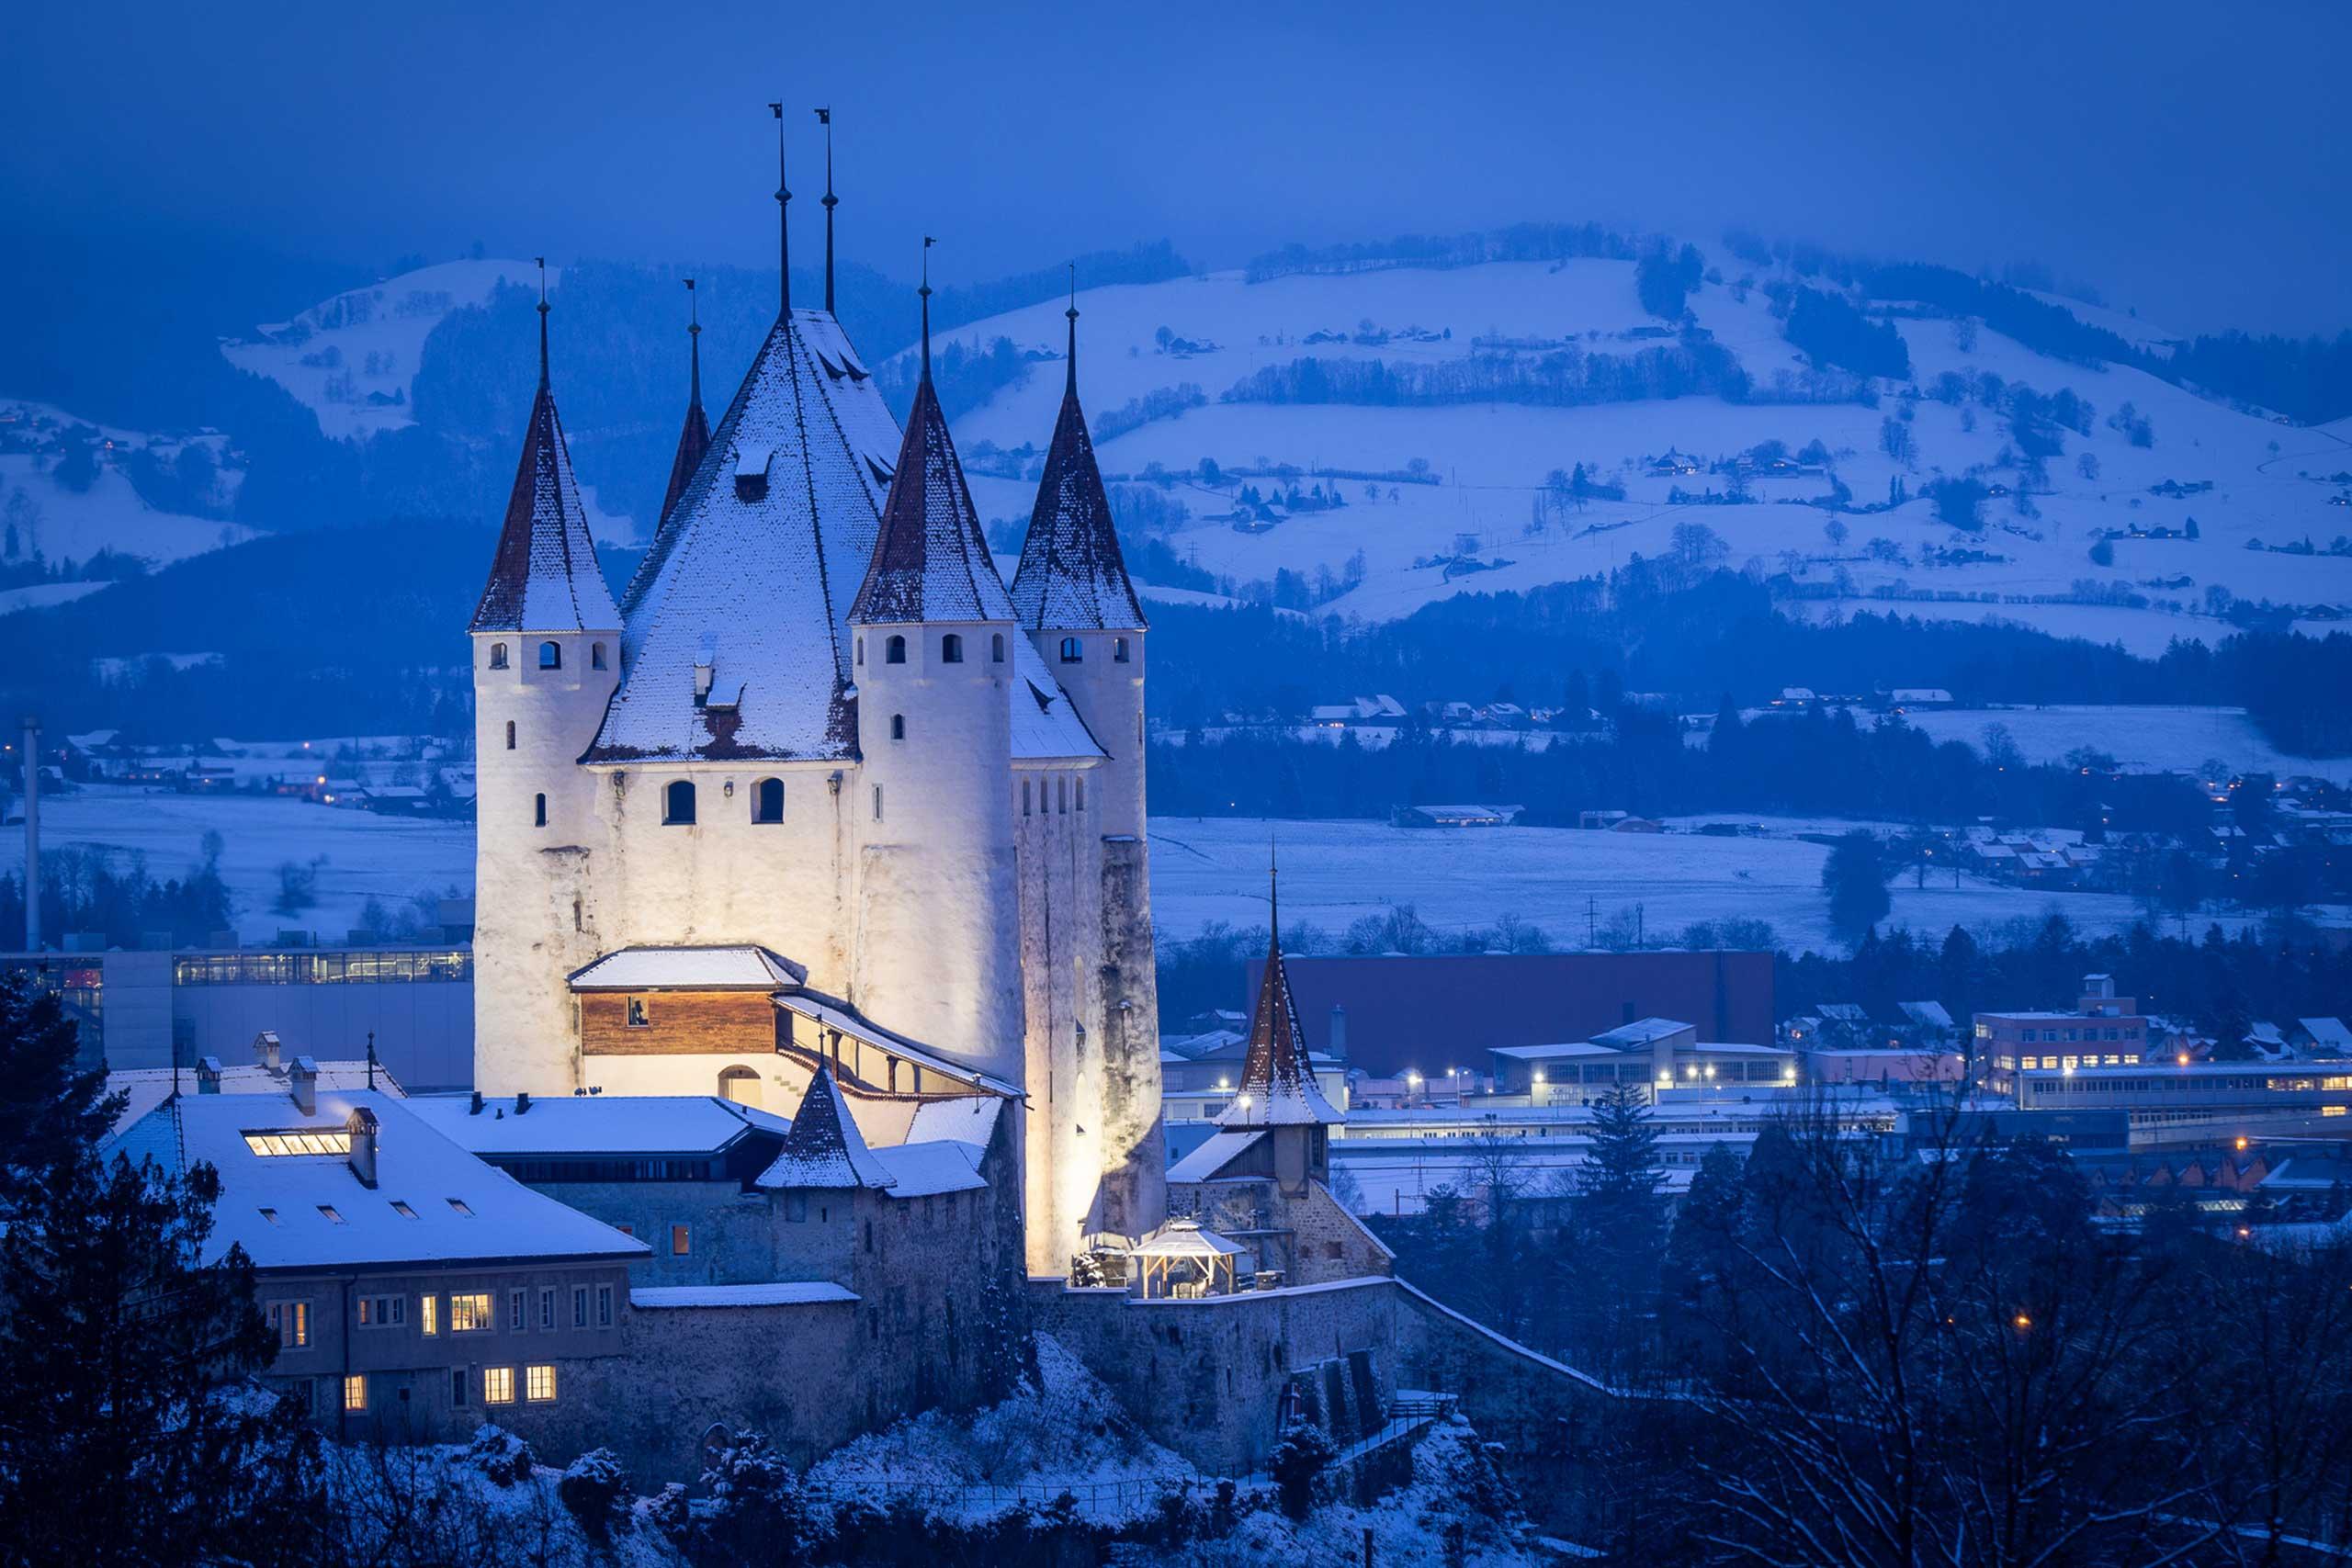 schloss-thun-winter-schnee-nebel-beleuchtung.jpg